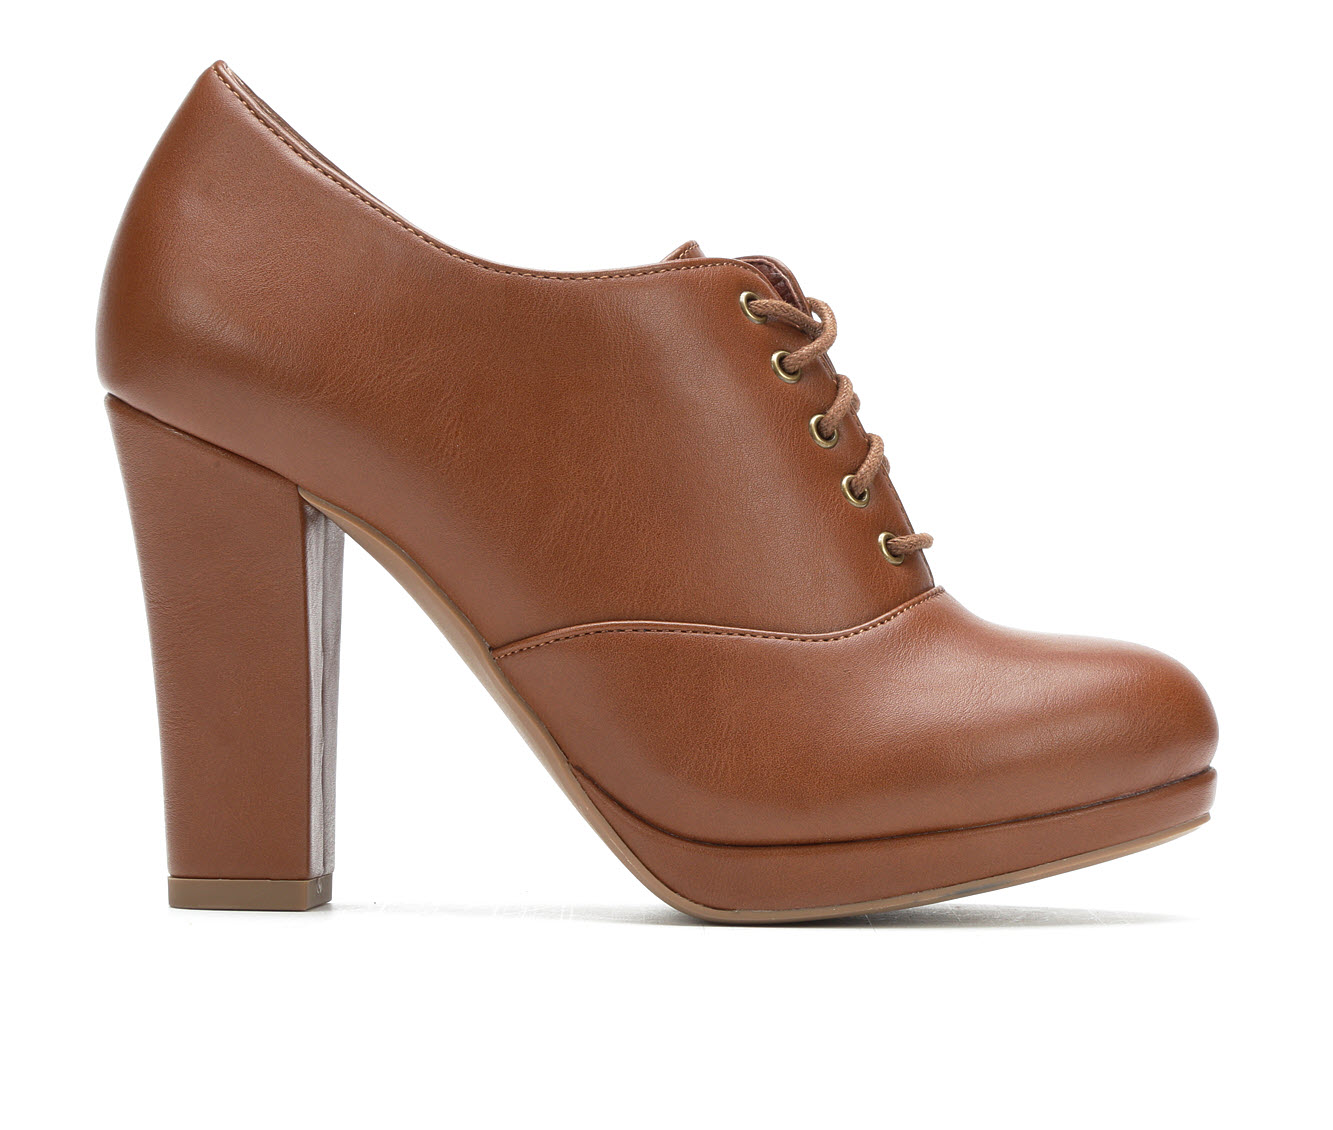 Y-Not Laurie Women's Dress Shoe (Beige Faux Leather)